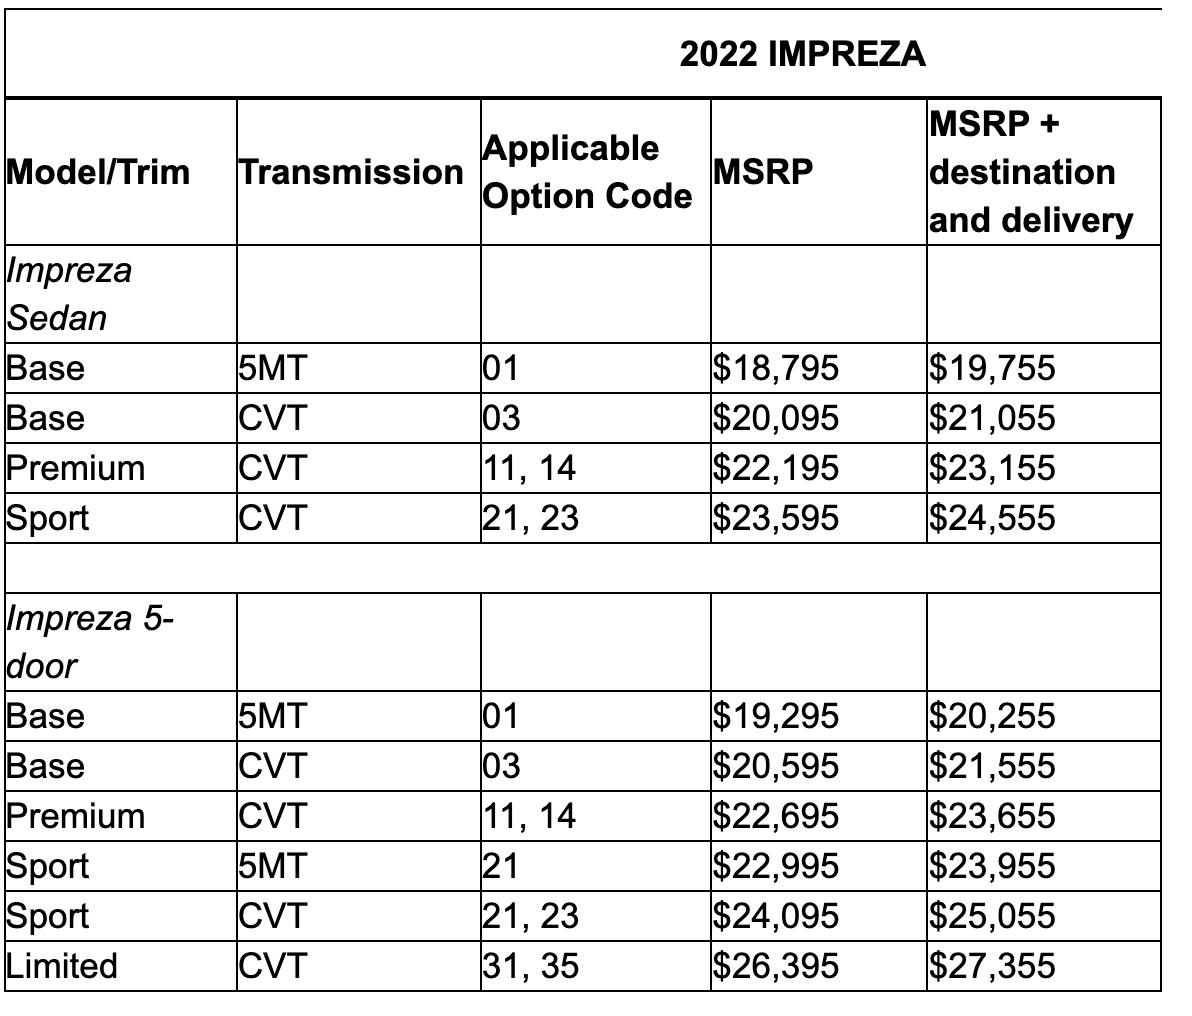 Precios impreza 2022